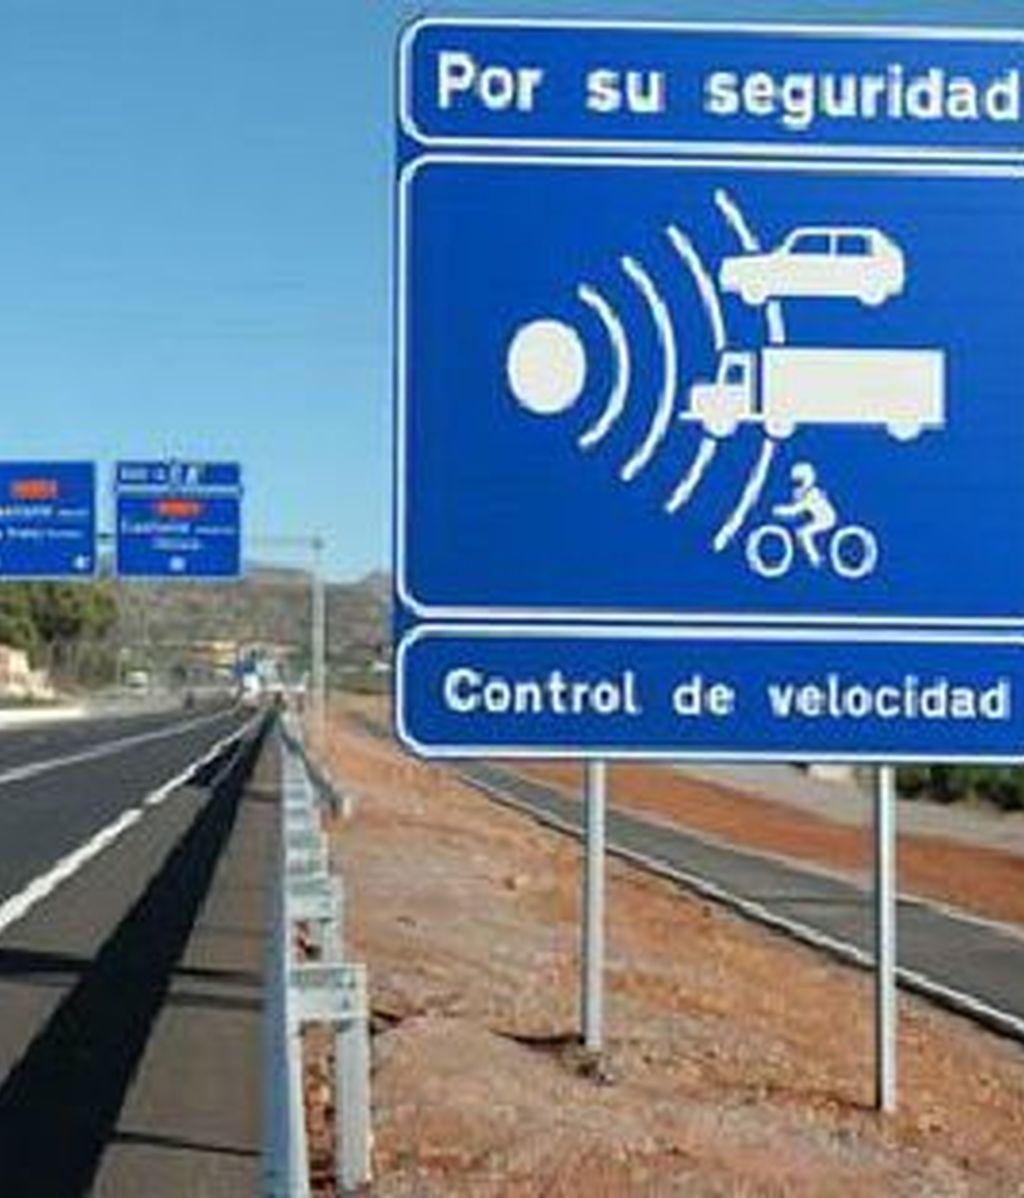 El hombre detenido por los mossos de d'Esquadra había destrozado el radar y lo había rociado con gasolina para prenderle fuego.